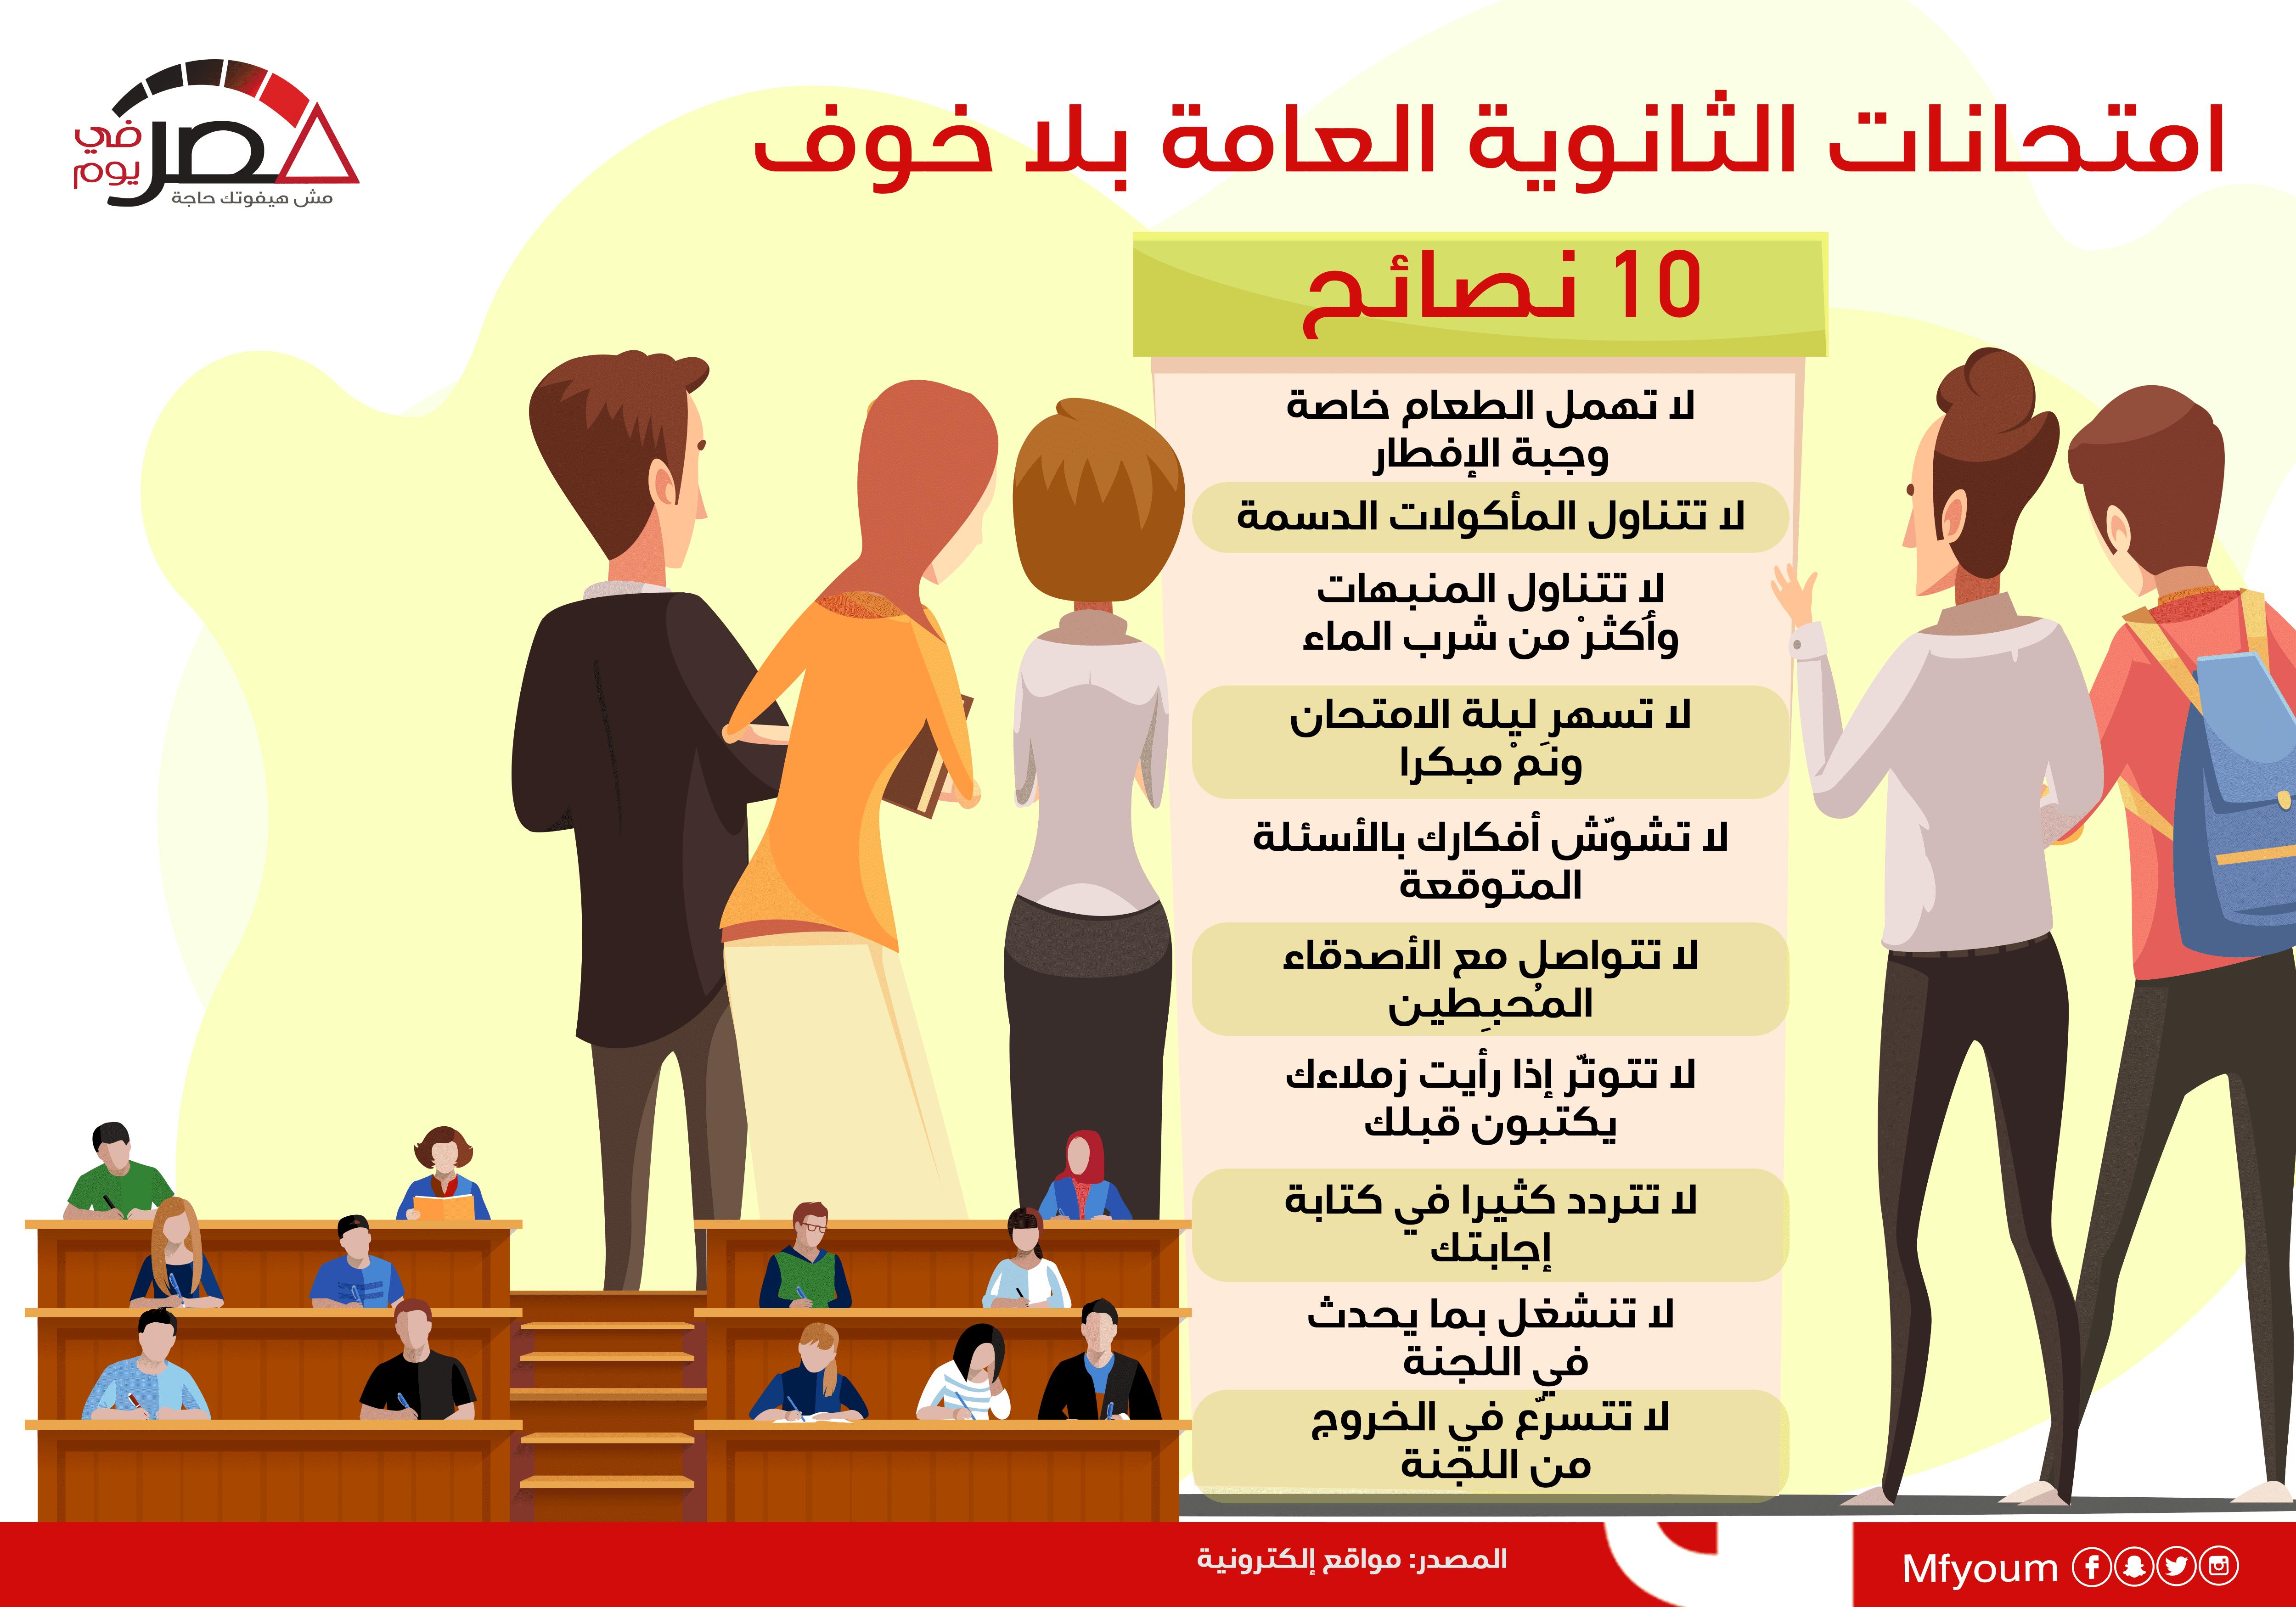 امتحانات الثانوية العامة بلا خوف.. 10 نصائح (إنفوجراف)